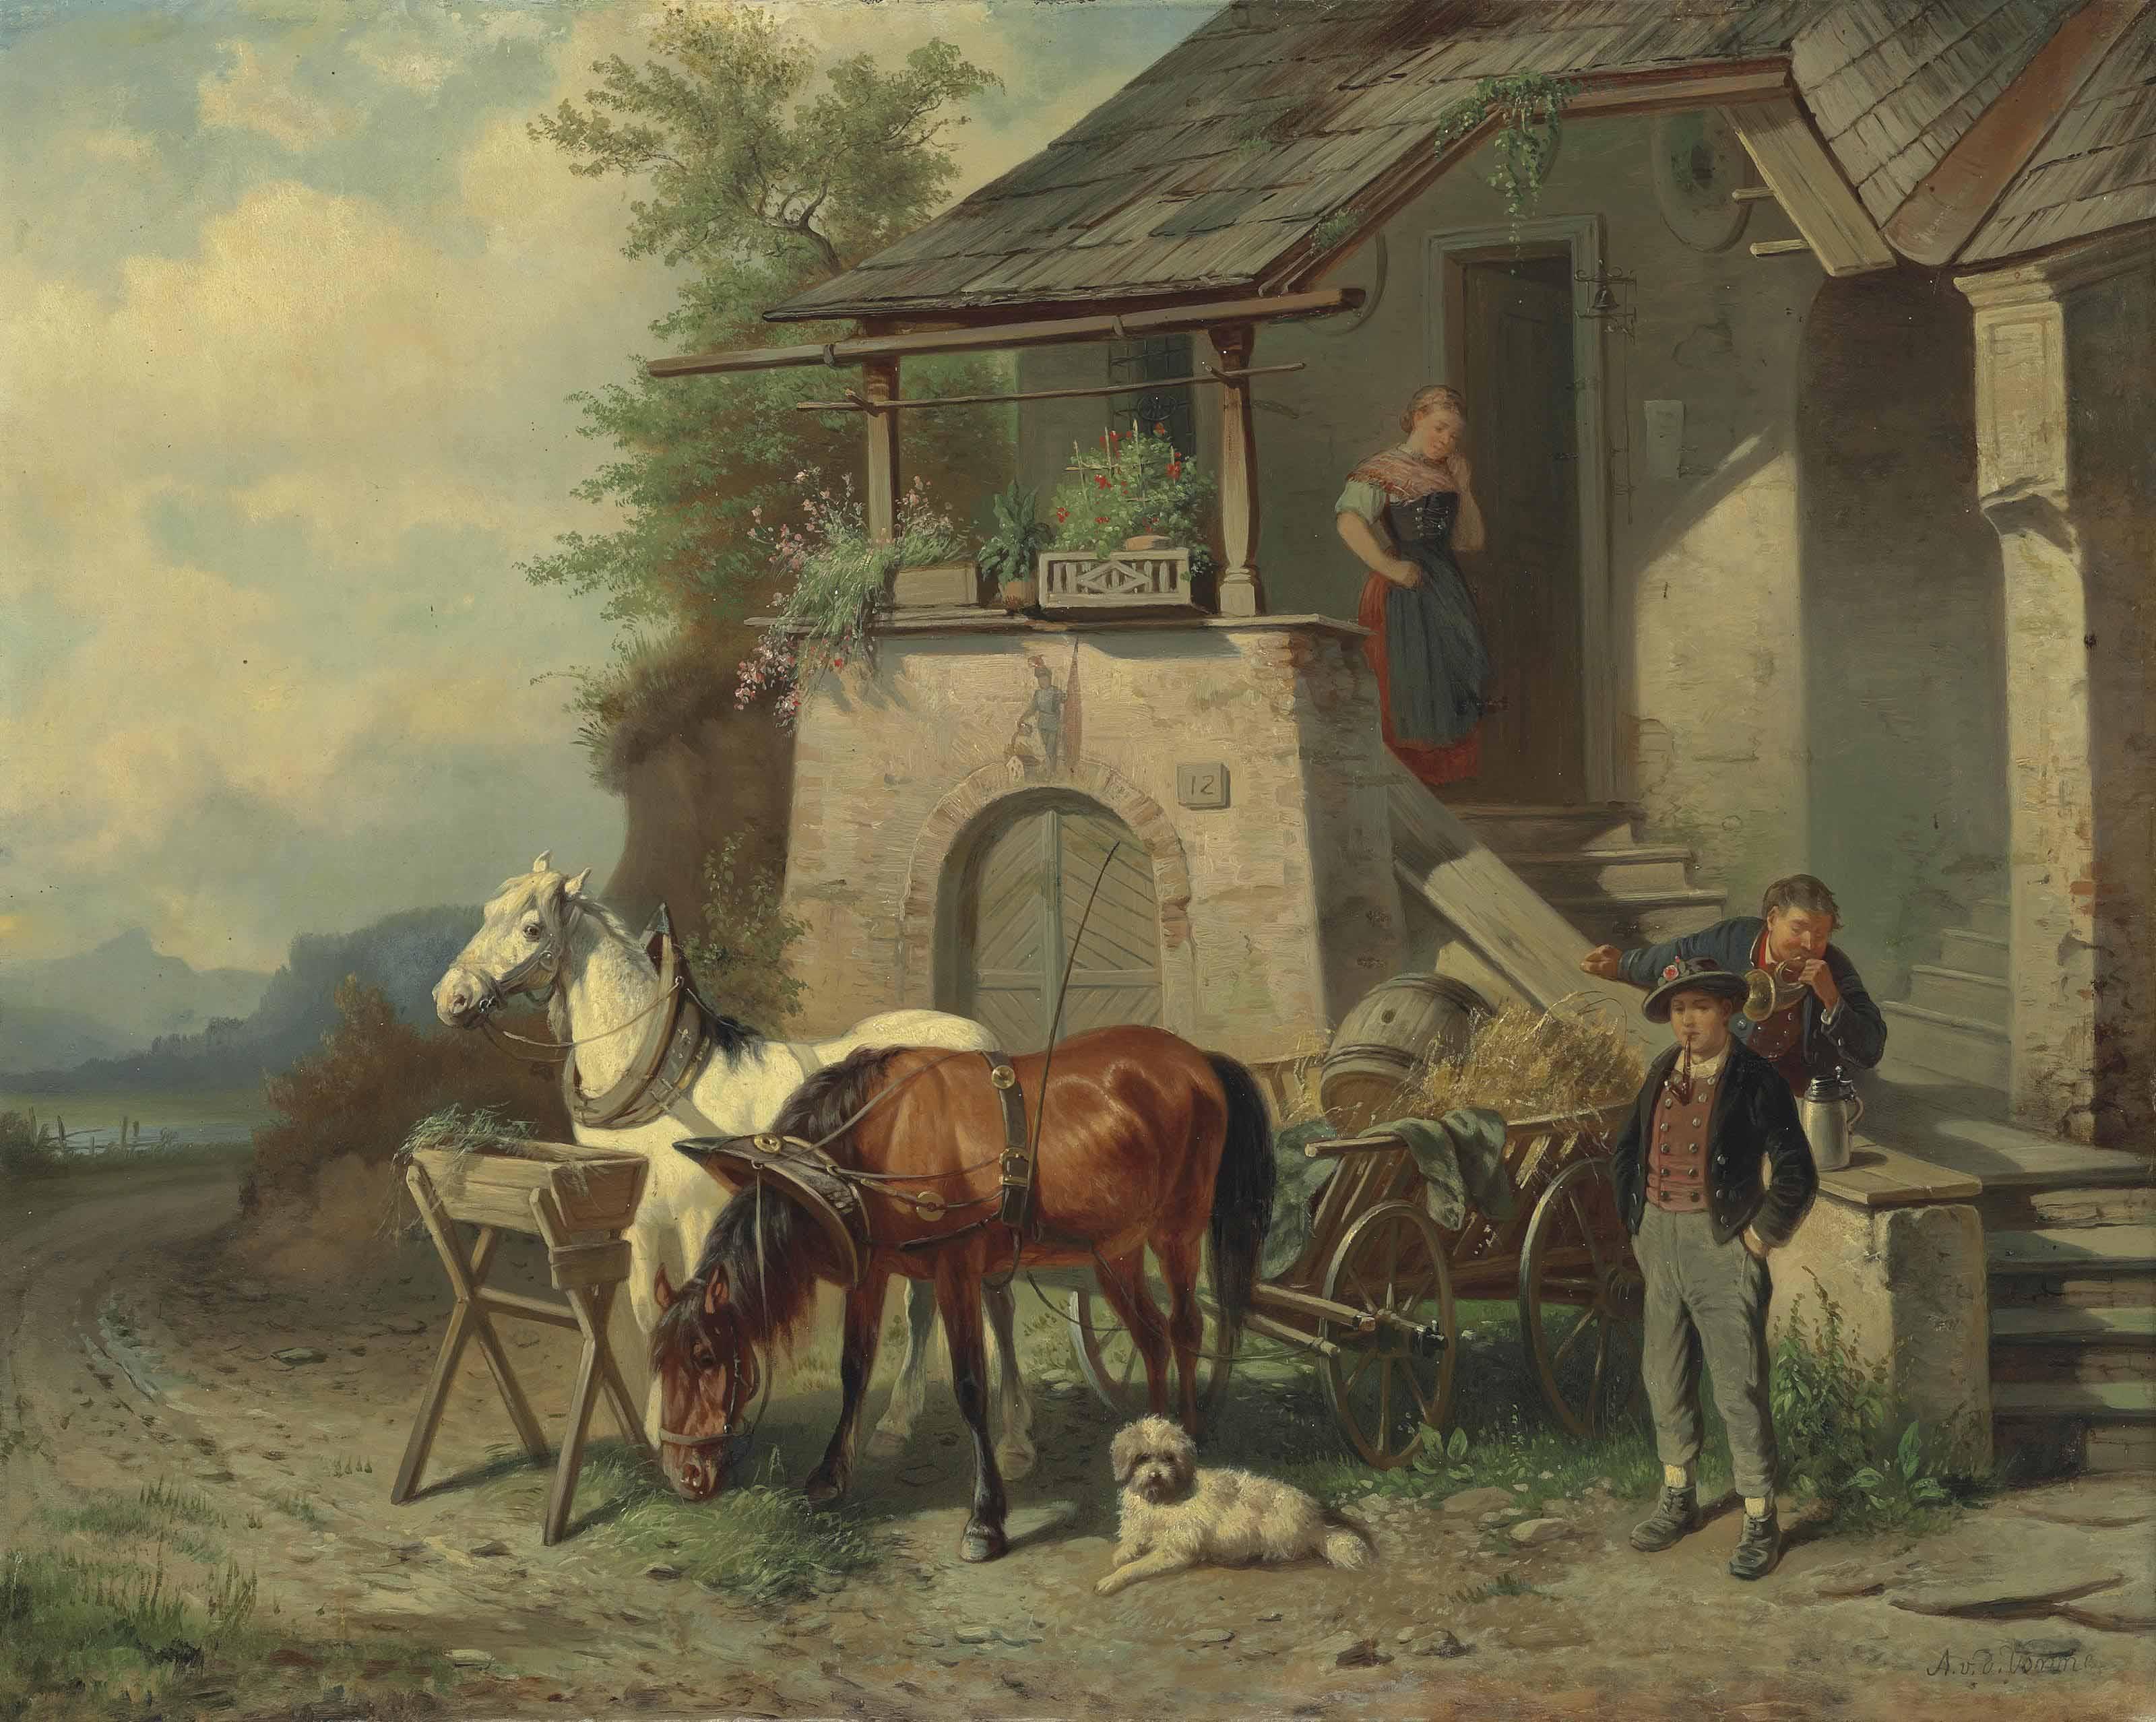 Adolph van der Venne (Vienna 1